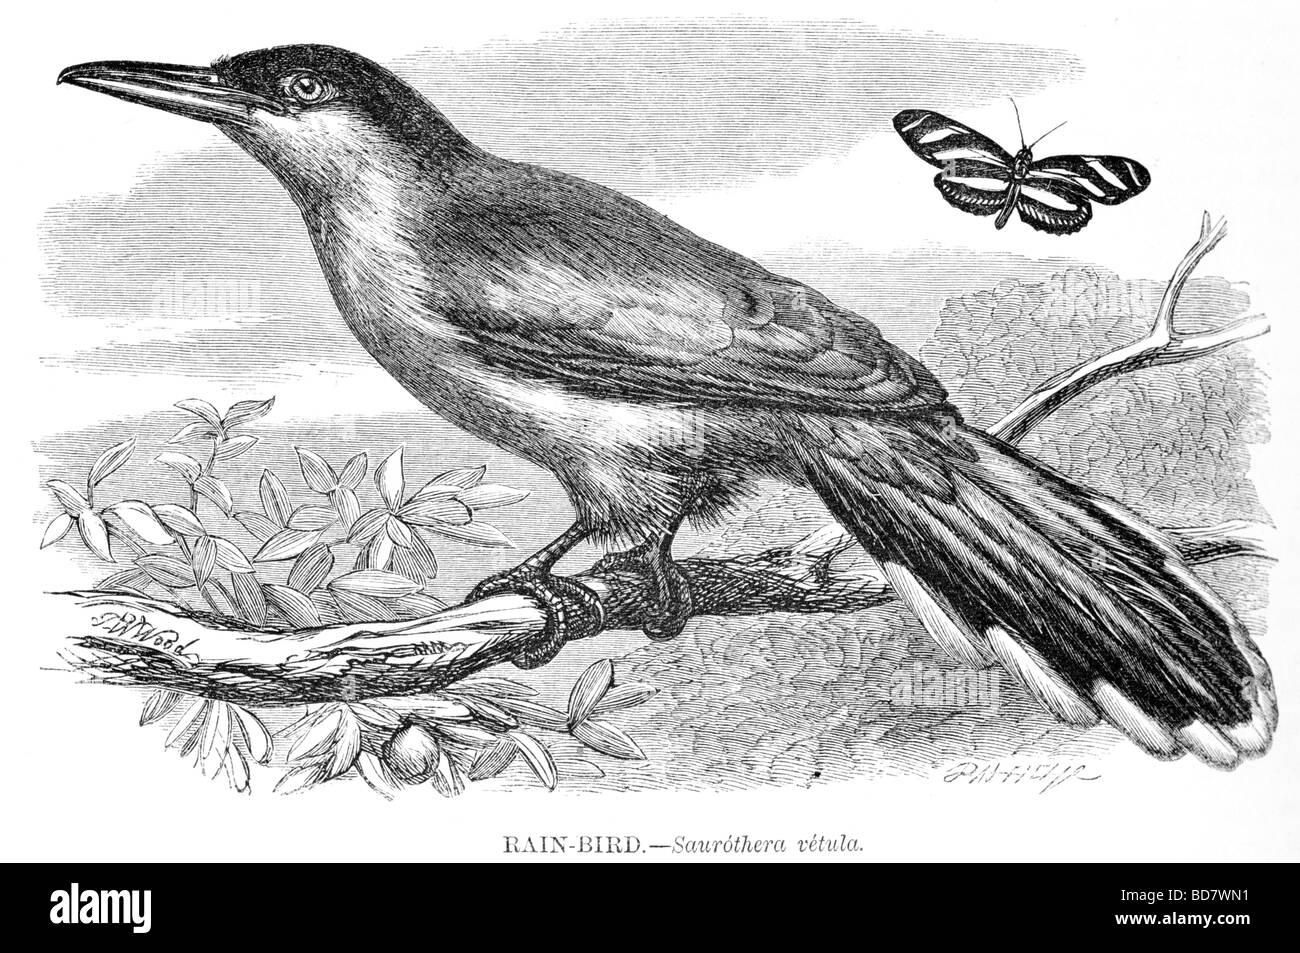 rain bird saurothera vetula Stock Photo